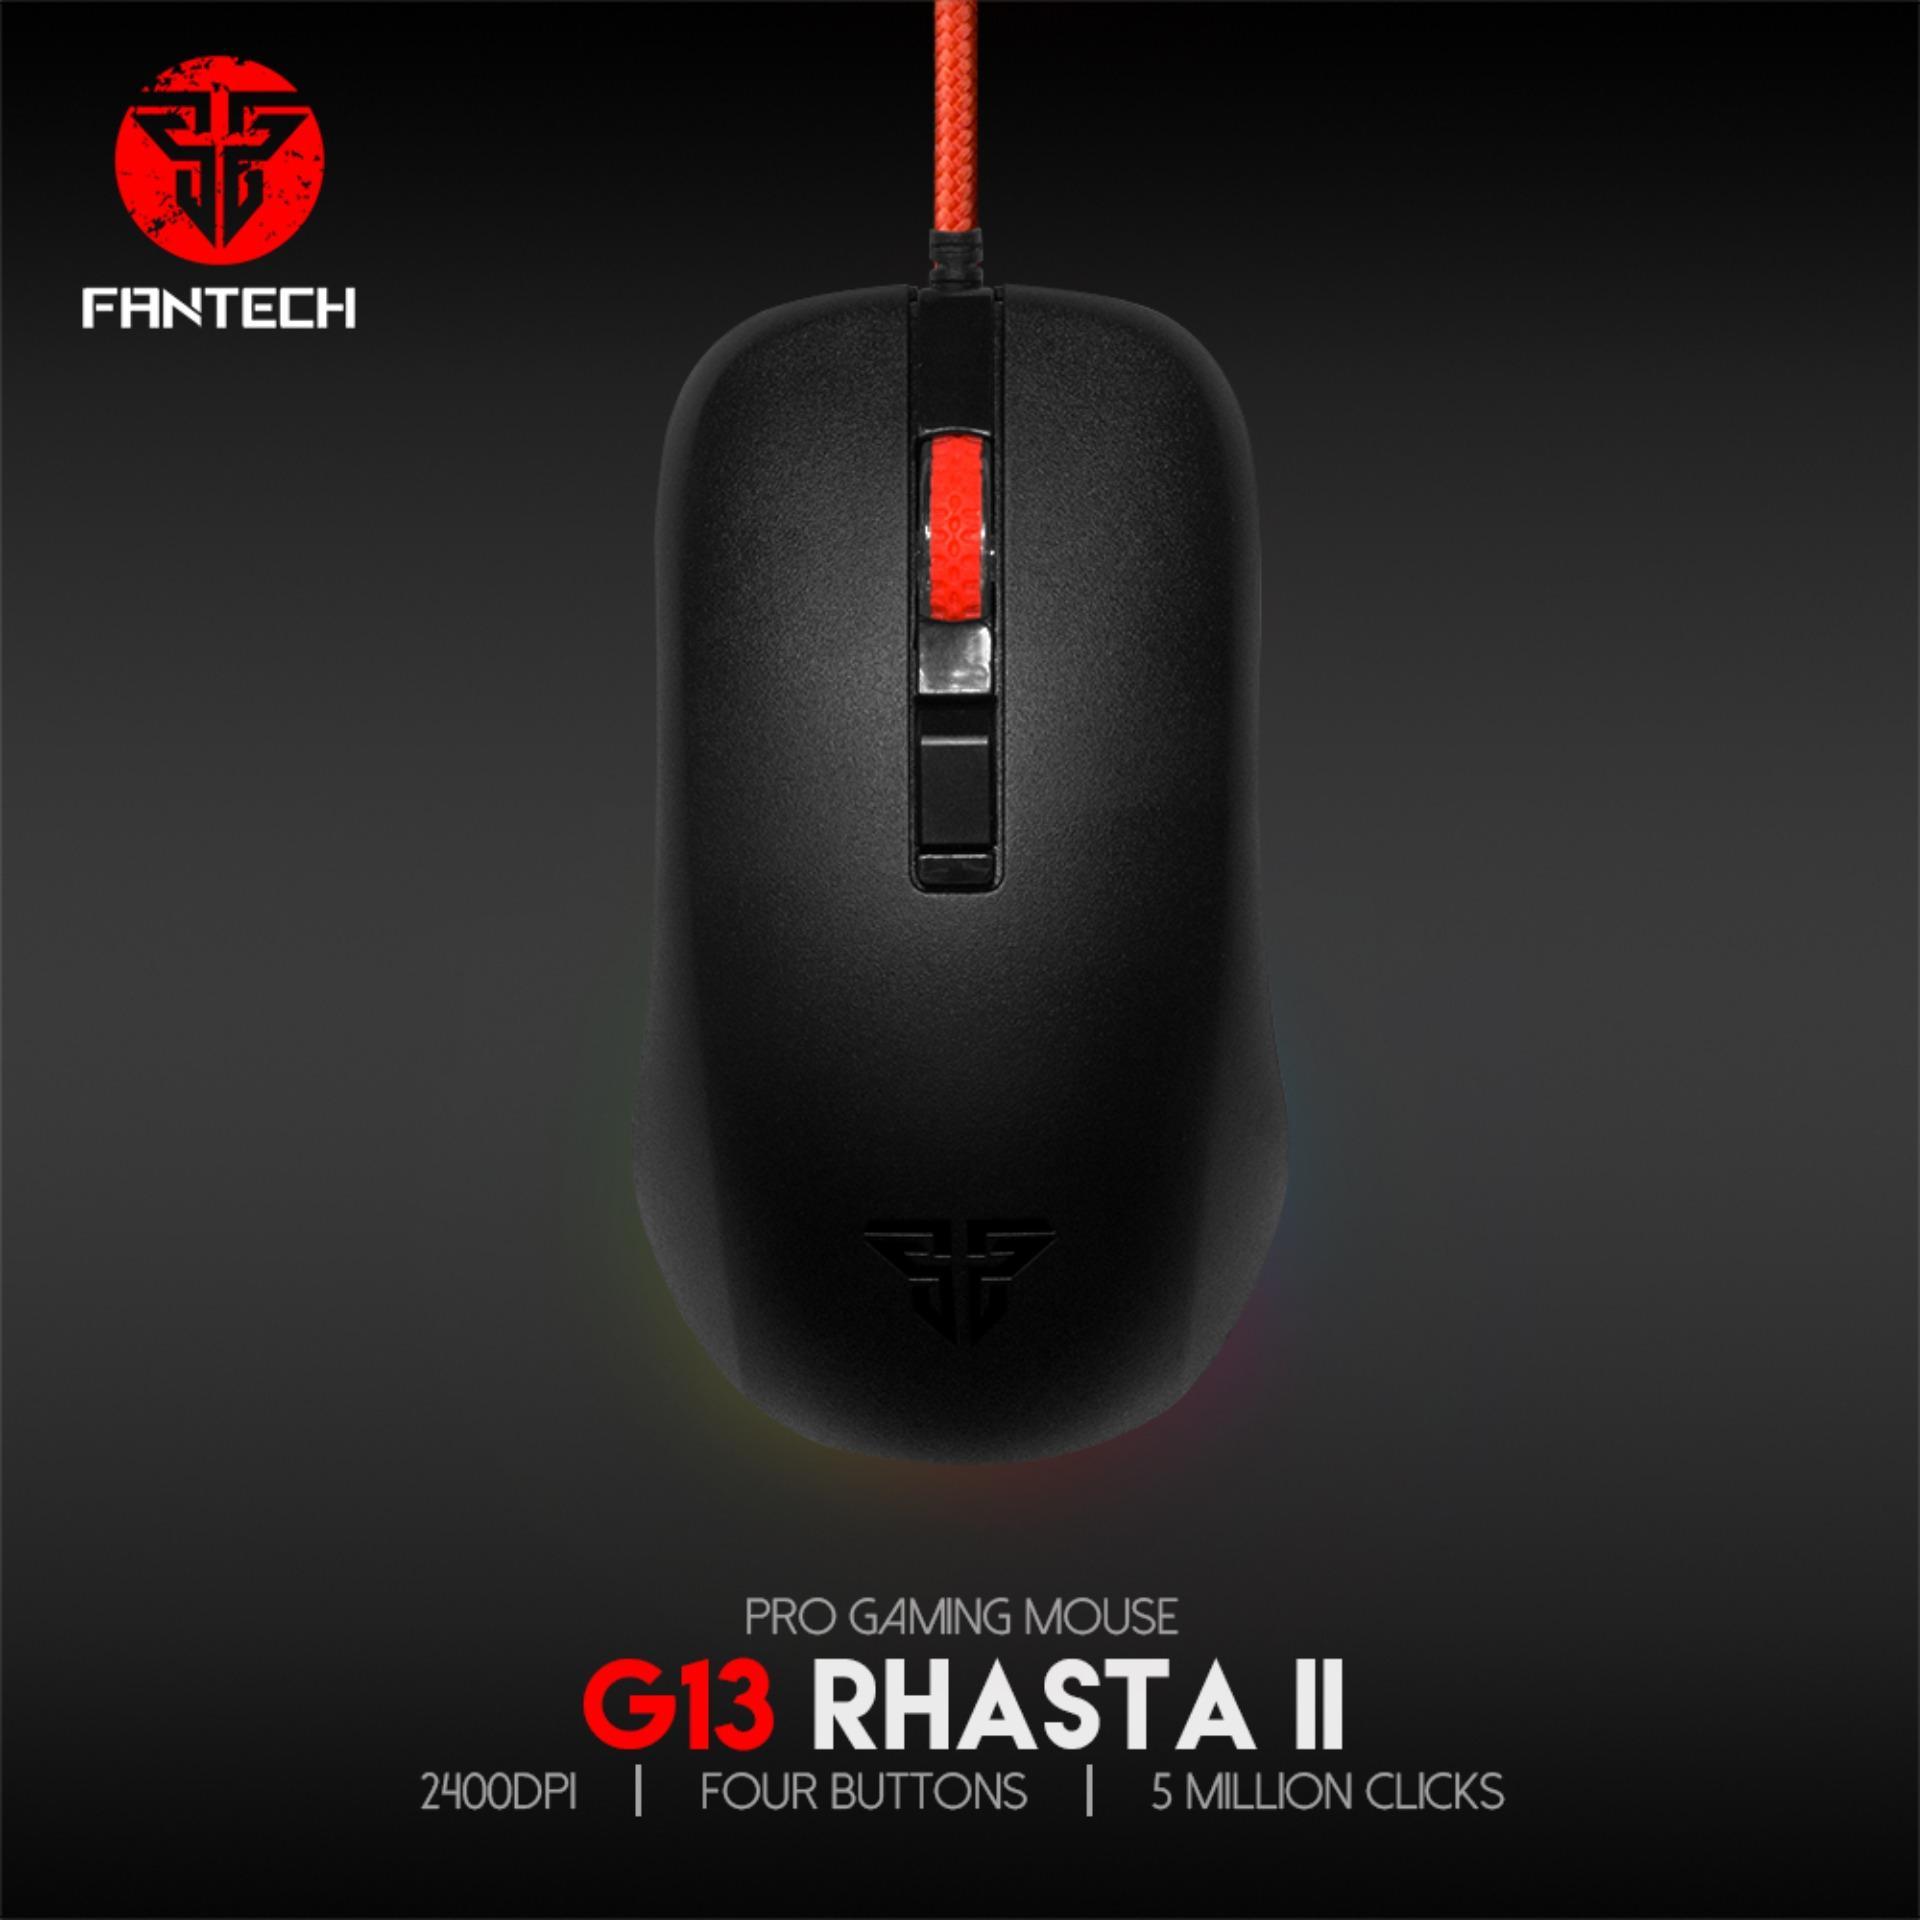 Chuột chơi game 2400dpi 4D tốc độ di chuột siêu nhanh Fantech G13 LED RGB- Hãng Phân Phối Chính Thức